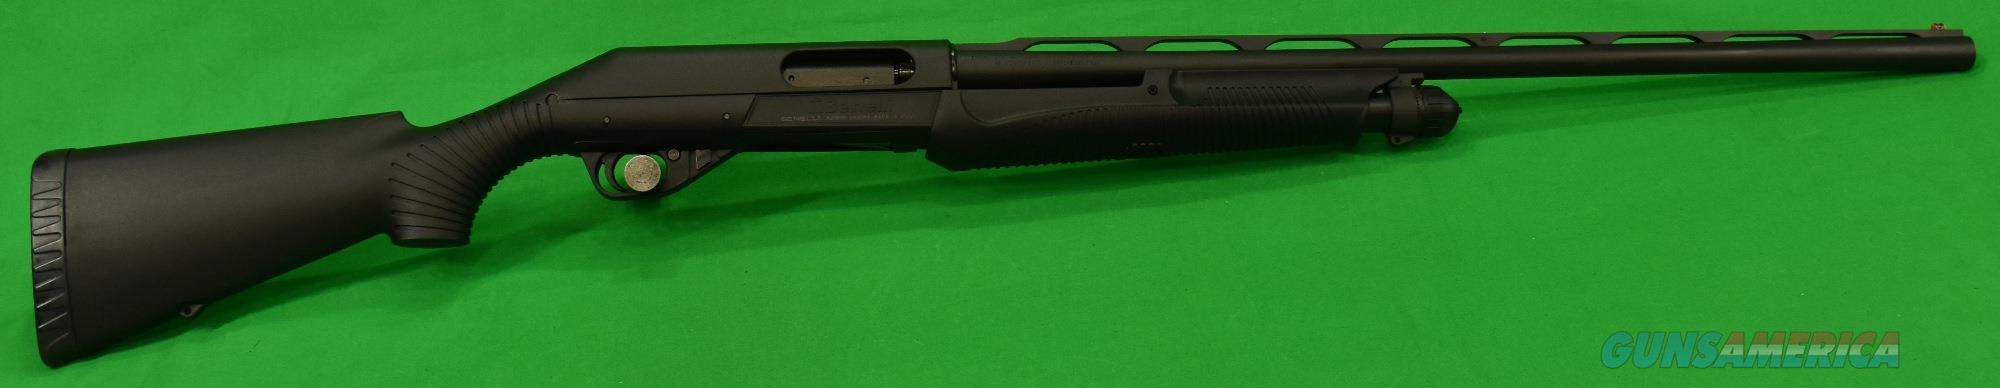 20000 Benelli Nova Pump All Black 12 Ga 28-3.5In  Guns > Shotguns > Benelli Shotguns > Sporting